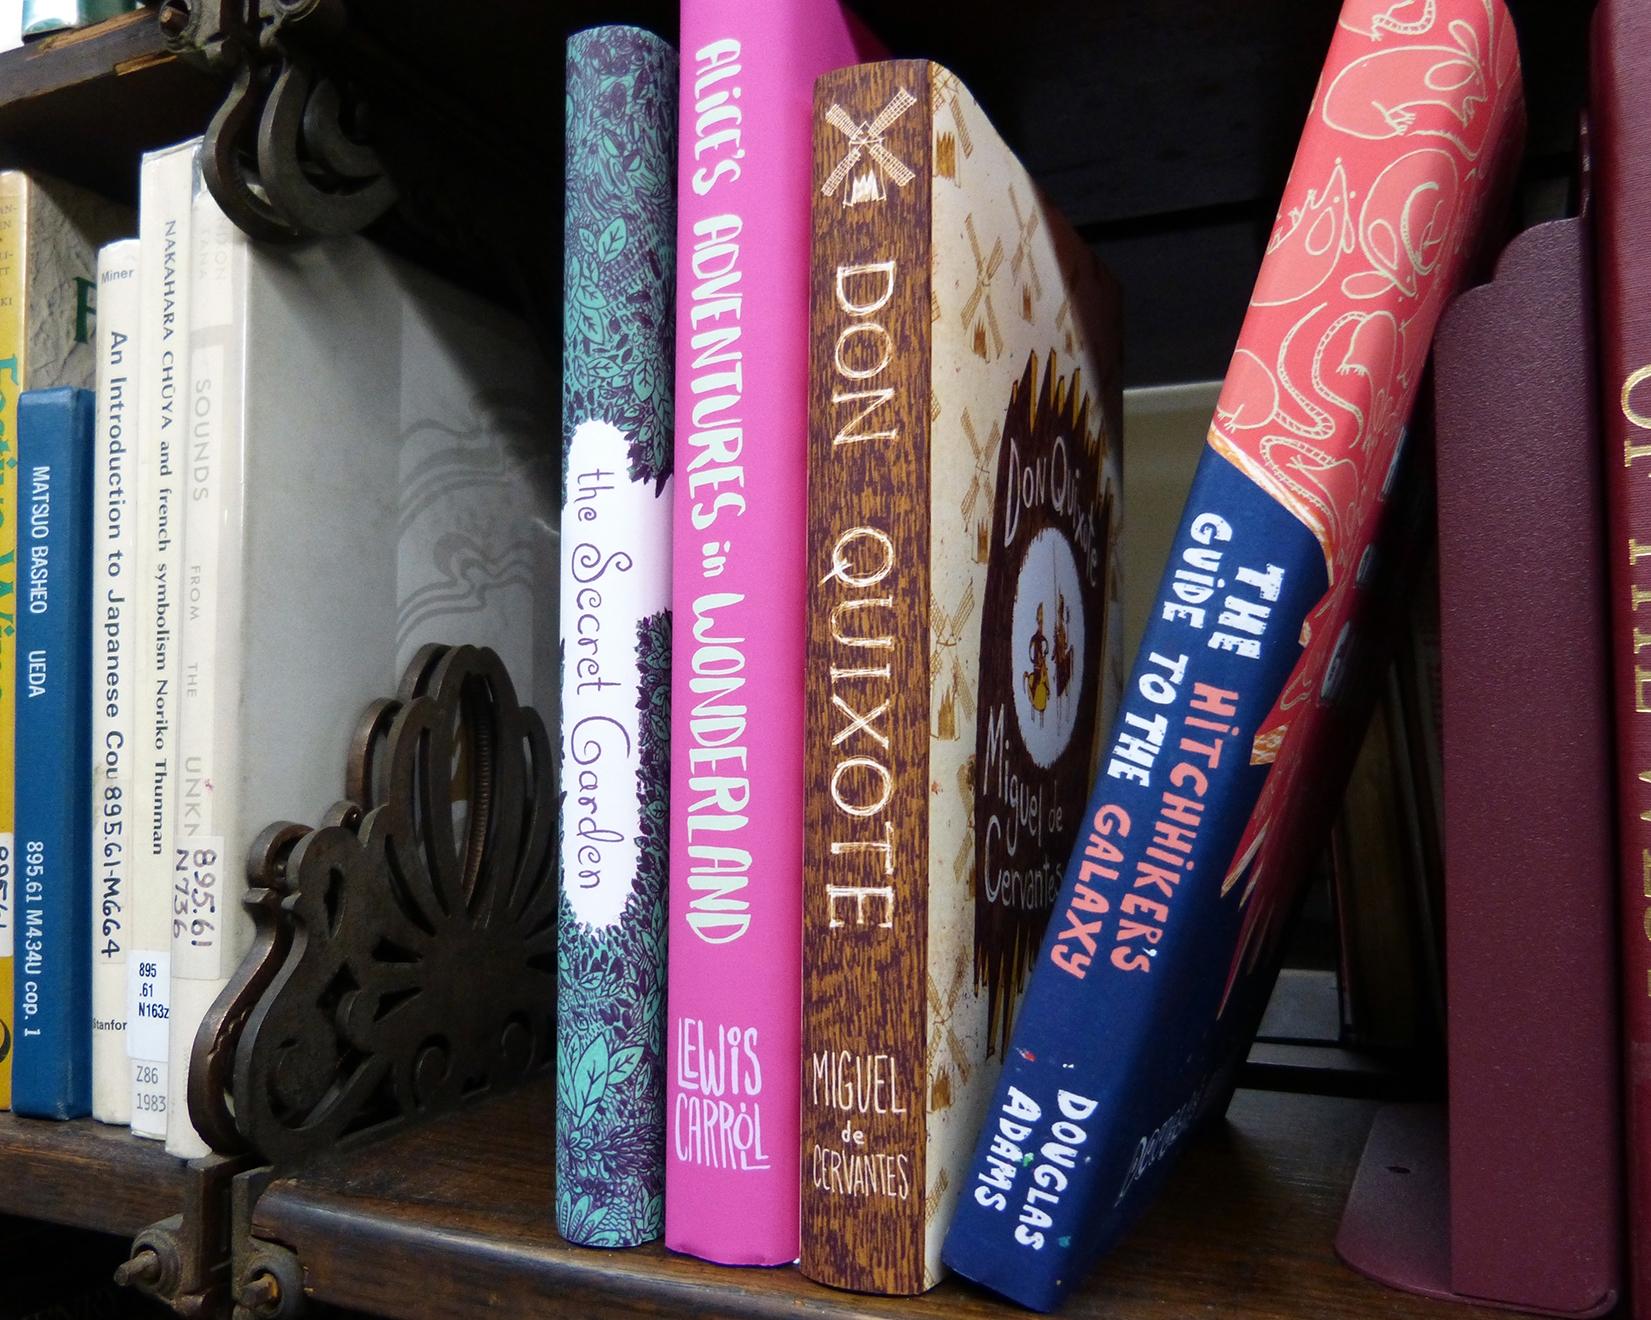 book spine designs - hitchhikersguidetothegalaxy - maggiemcaton   ello